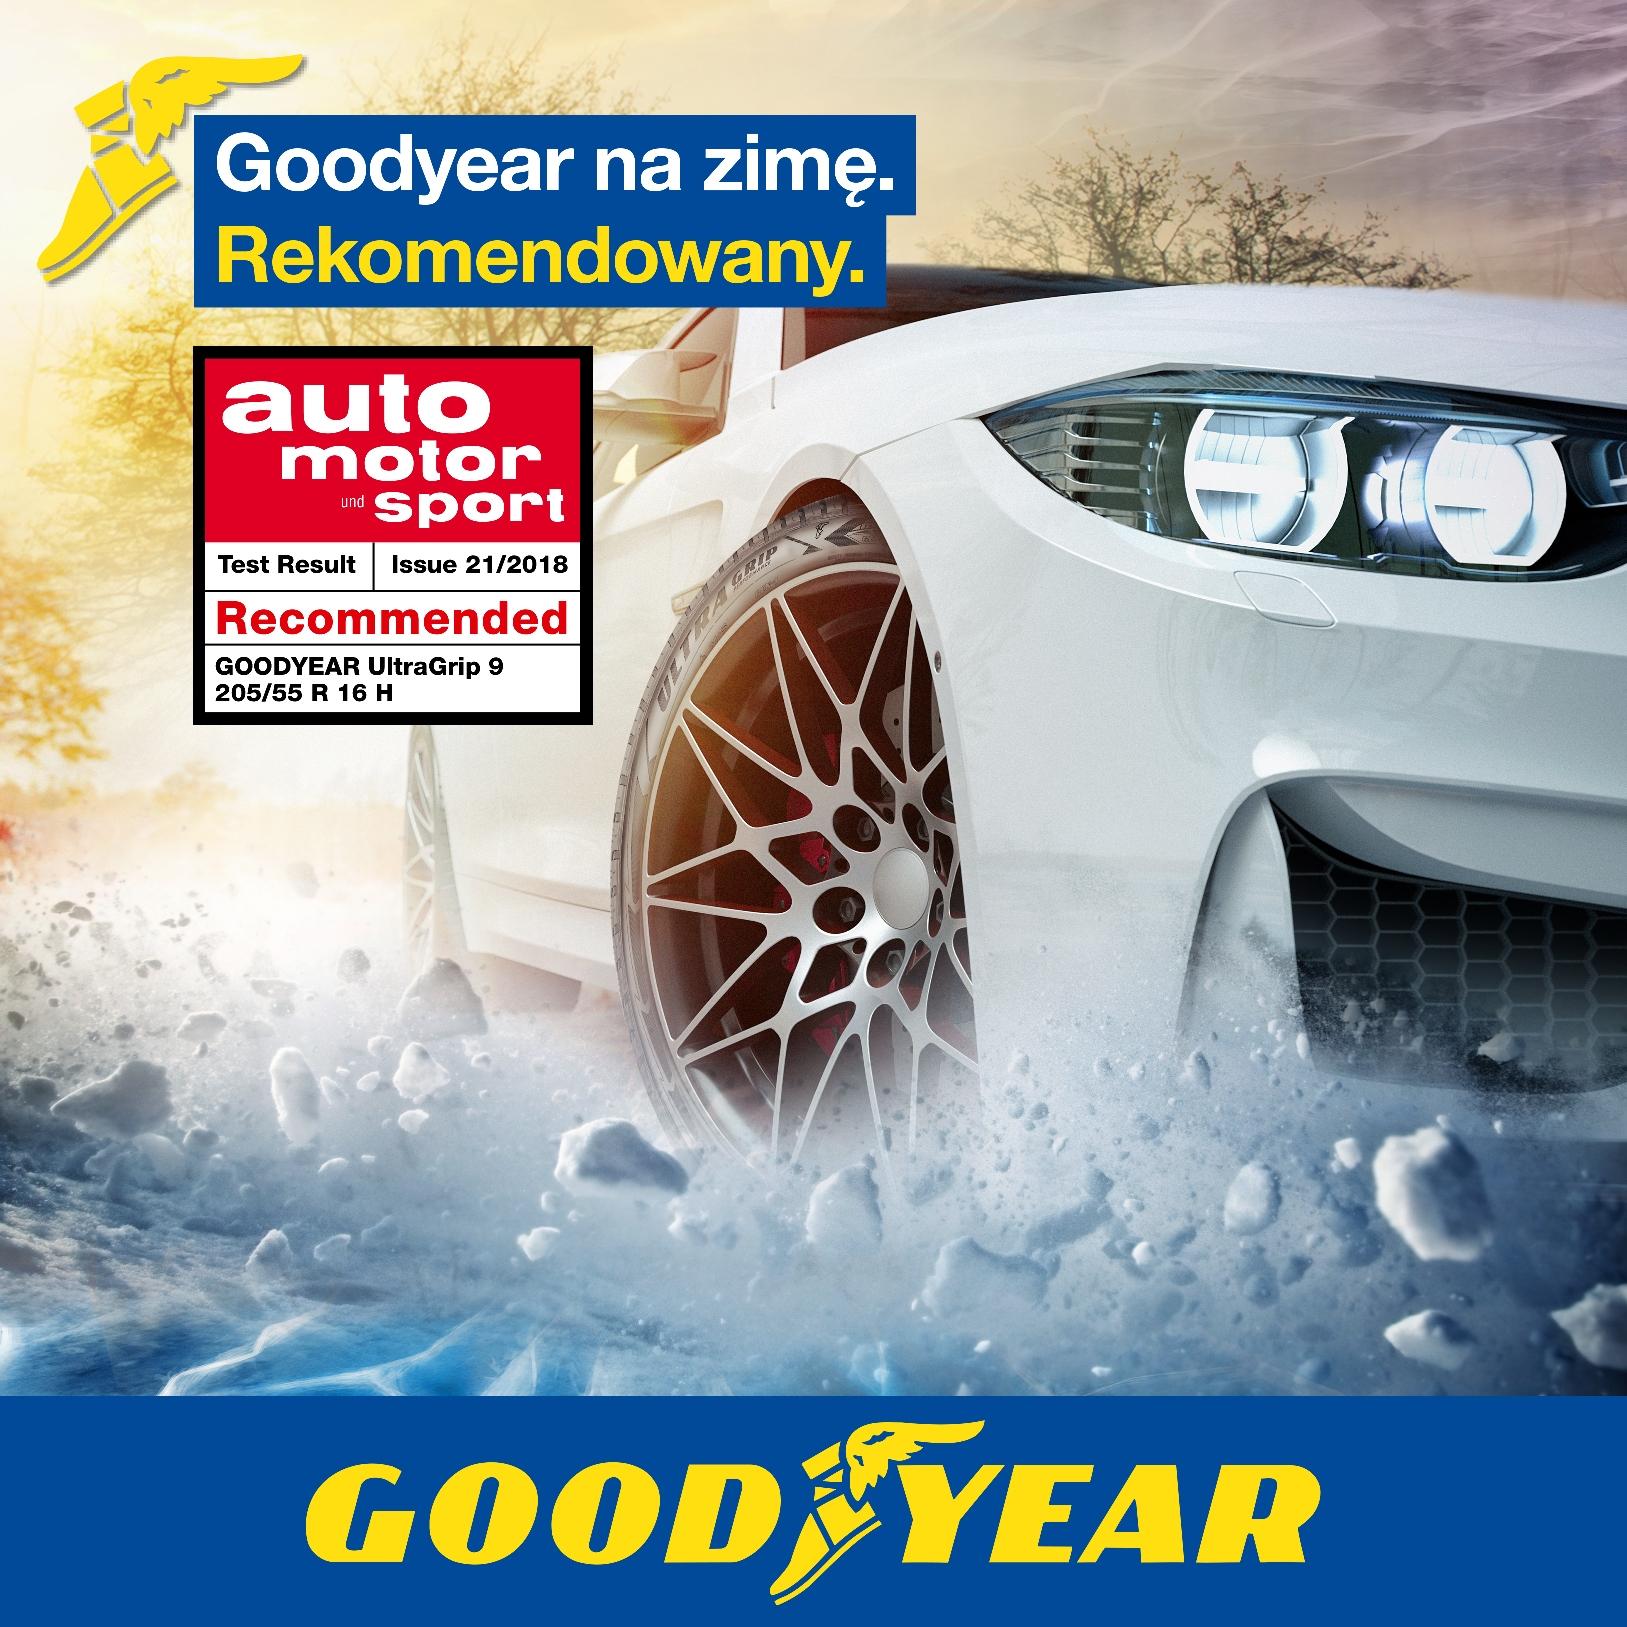 Opony Zimowe Goodyear Docenione W Niezależnych Testach Motofaktor